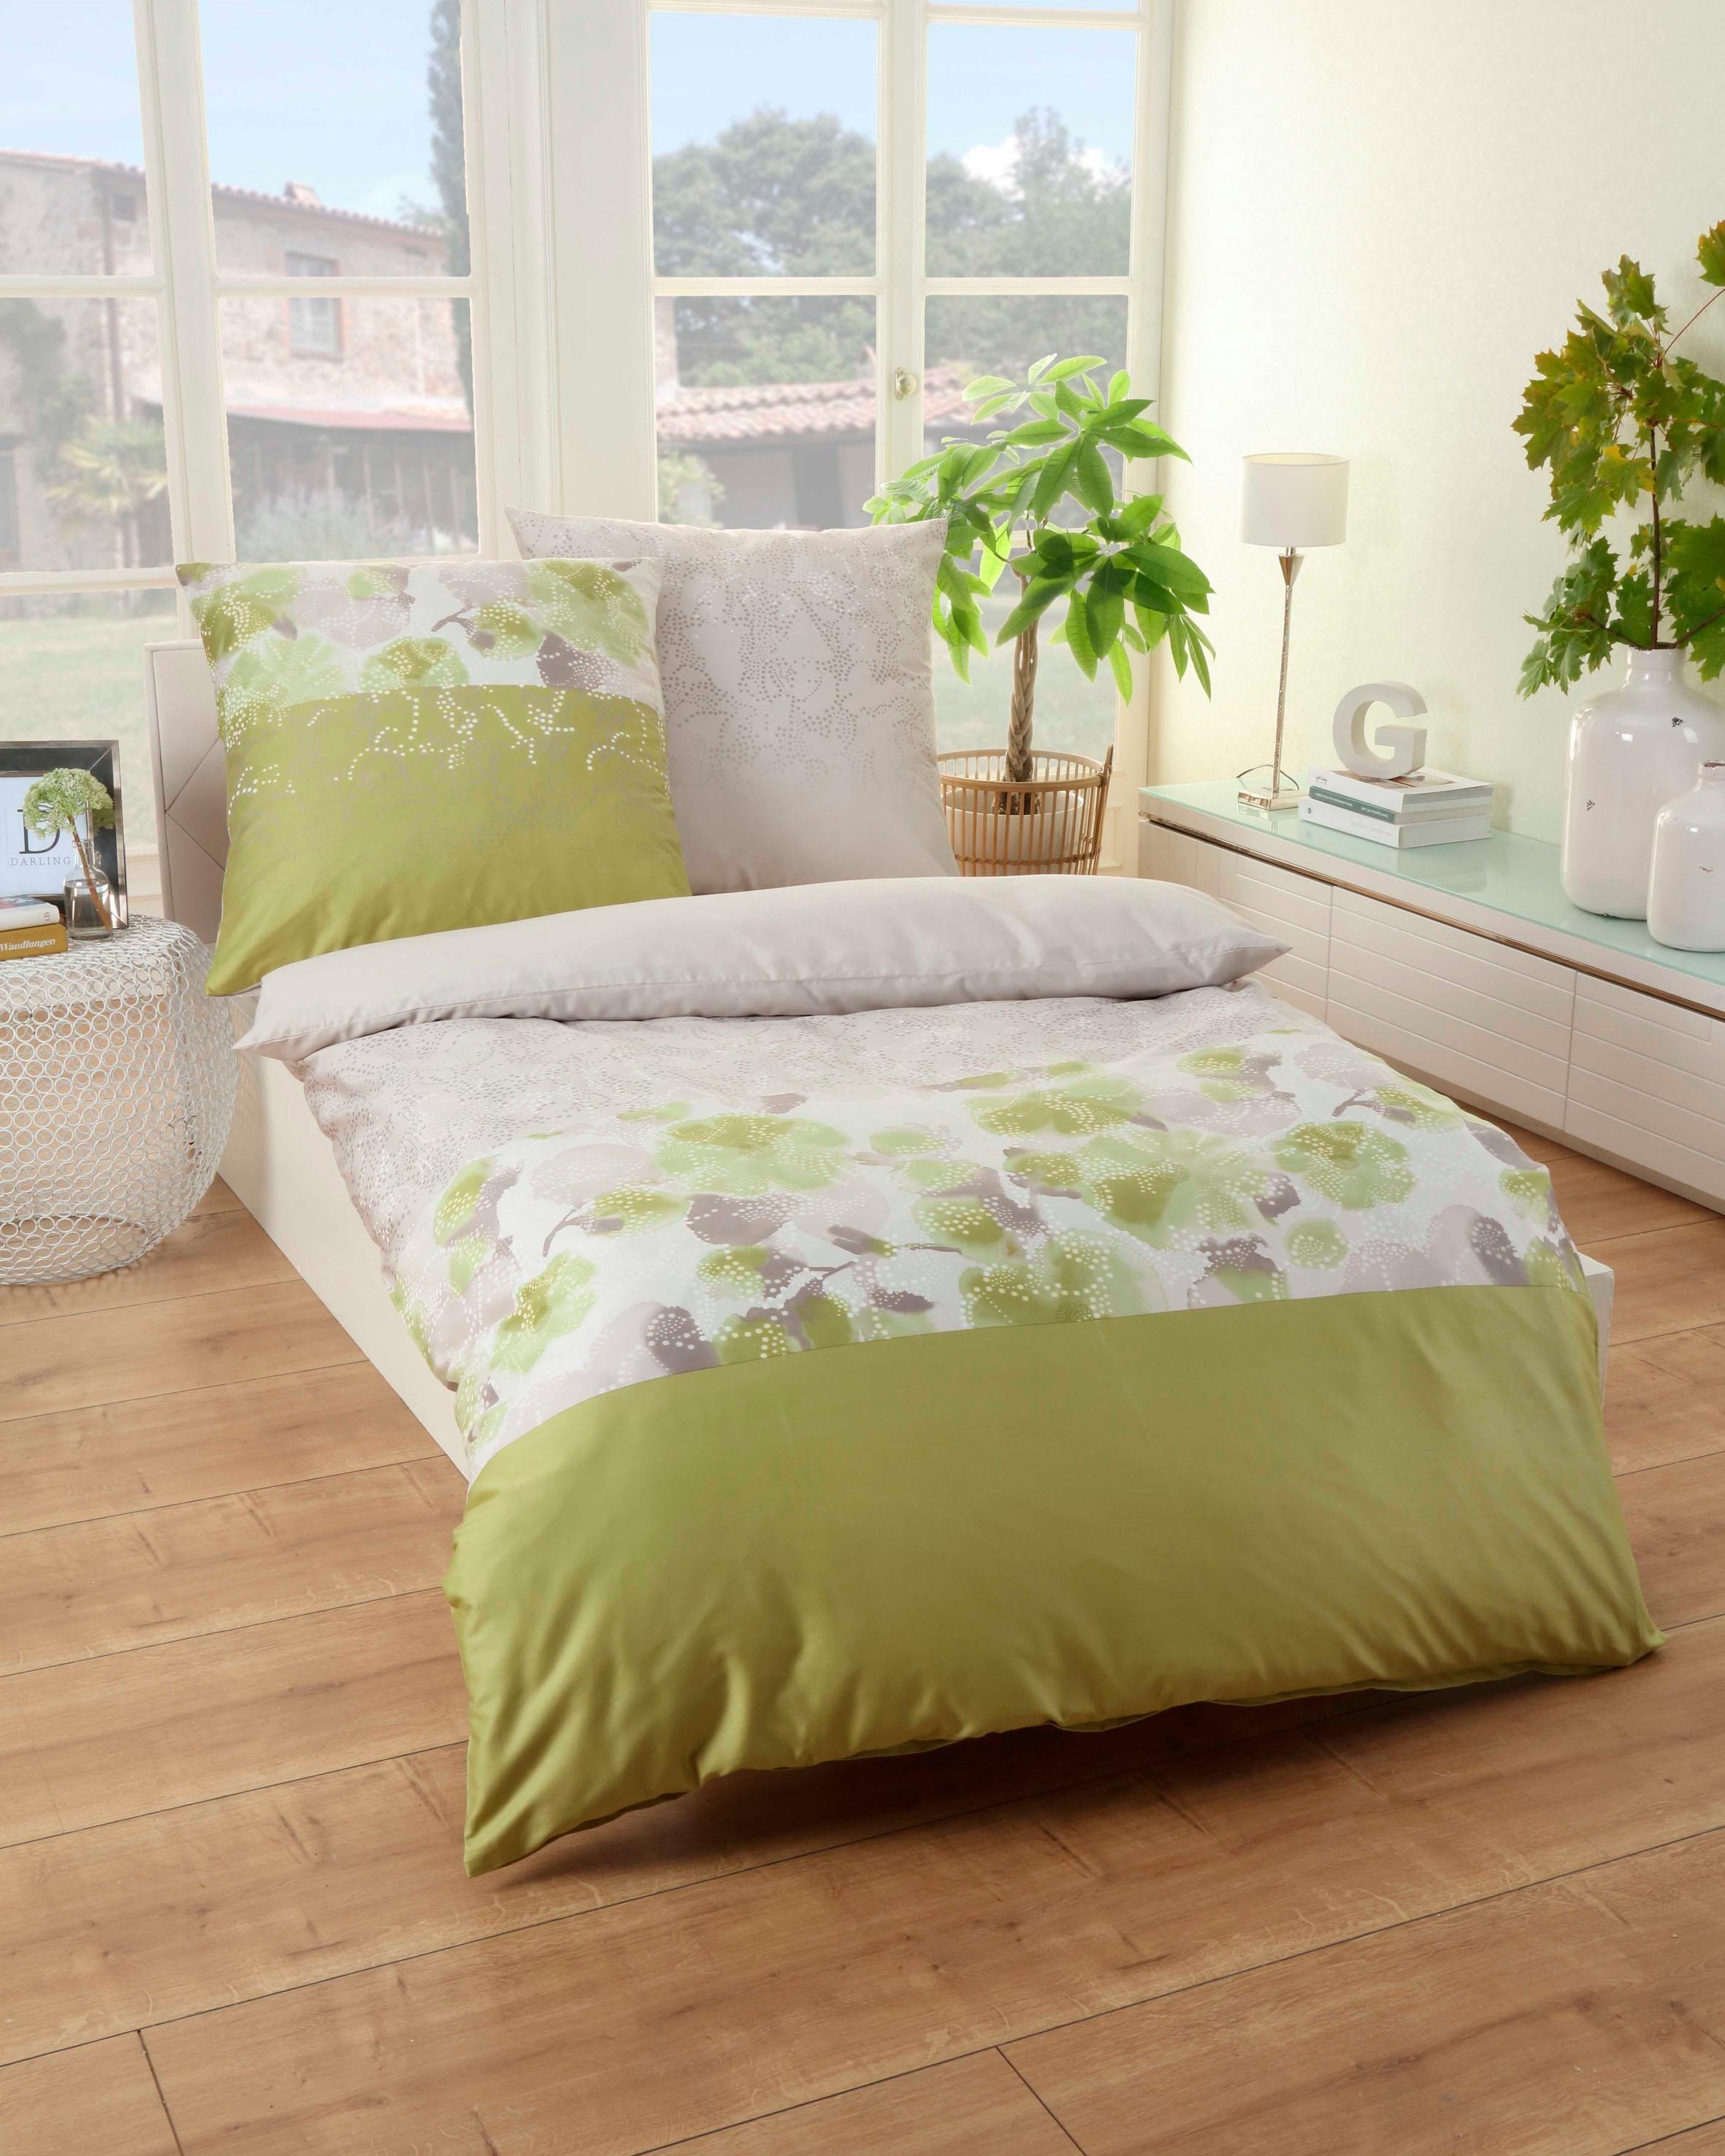 bettw sche microfaser gr n preisvergleich die besten angebote online kaufen. Black Bedroom Furniture Sets. Home Design Ideas